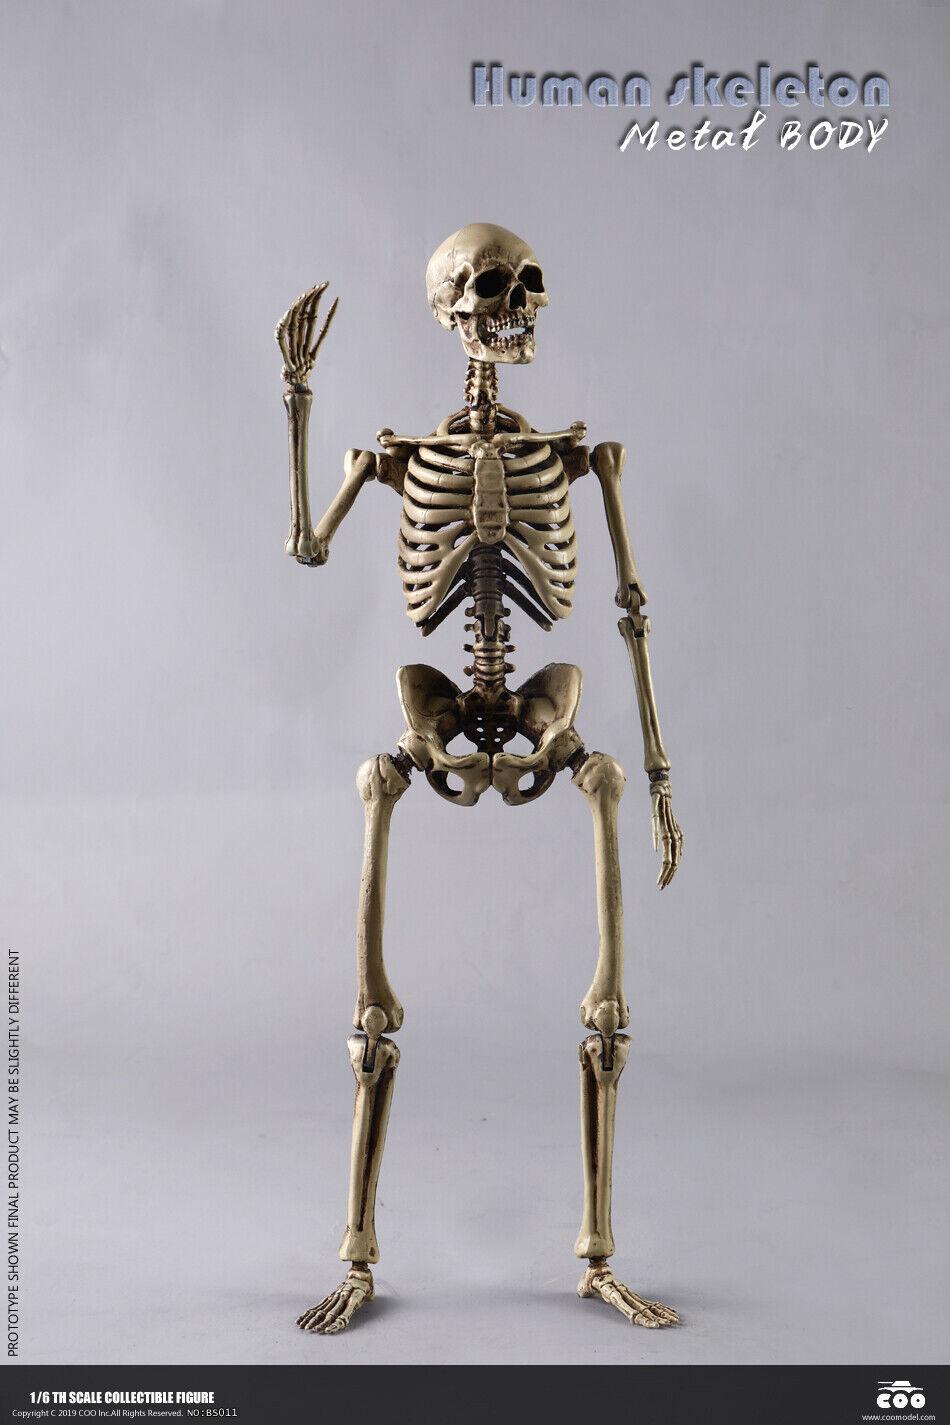 1  6 COOmodellololo BS011 The Huuomo Skeleton W Brain corpo Poseable 12'' Solider cifra  rivenditore di fitness